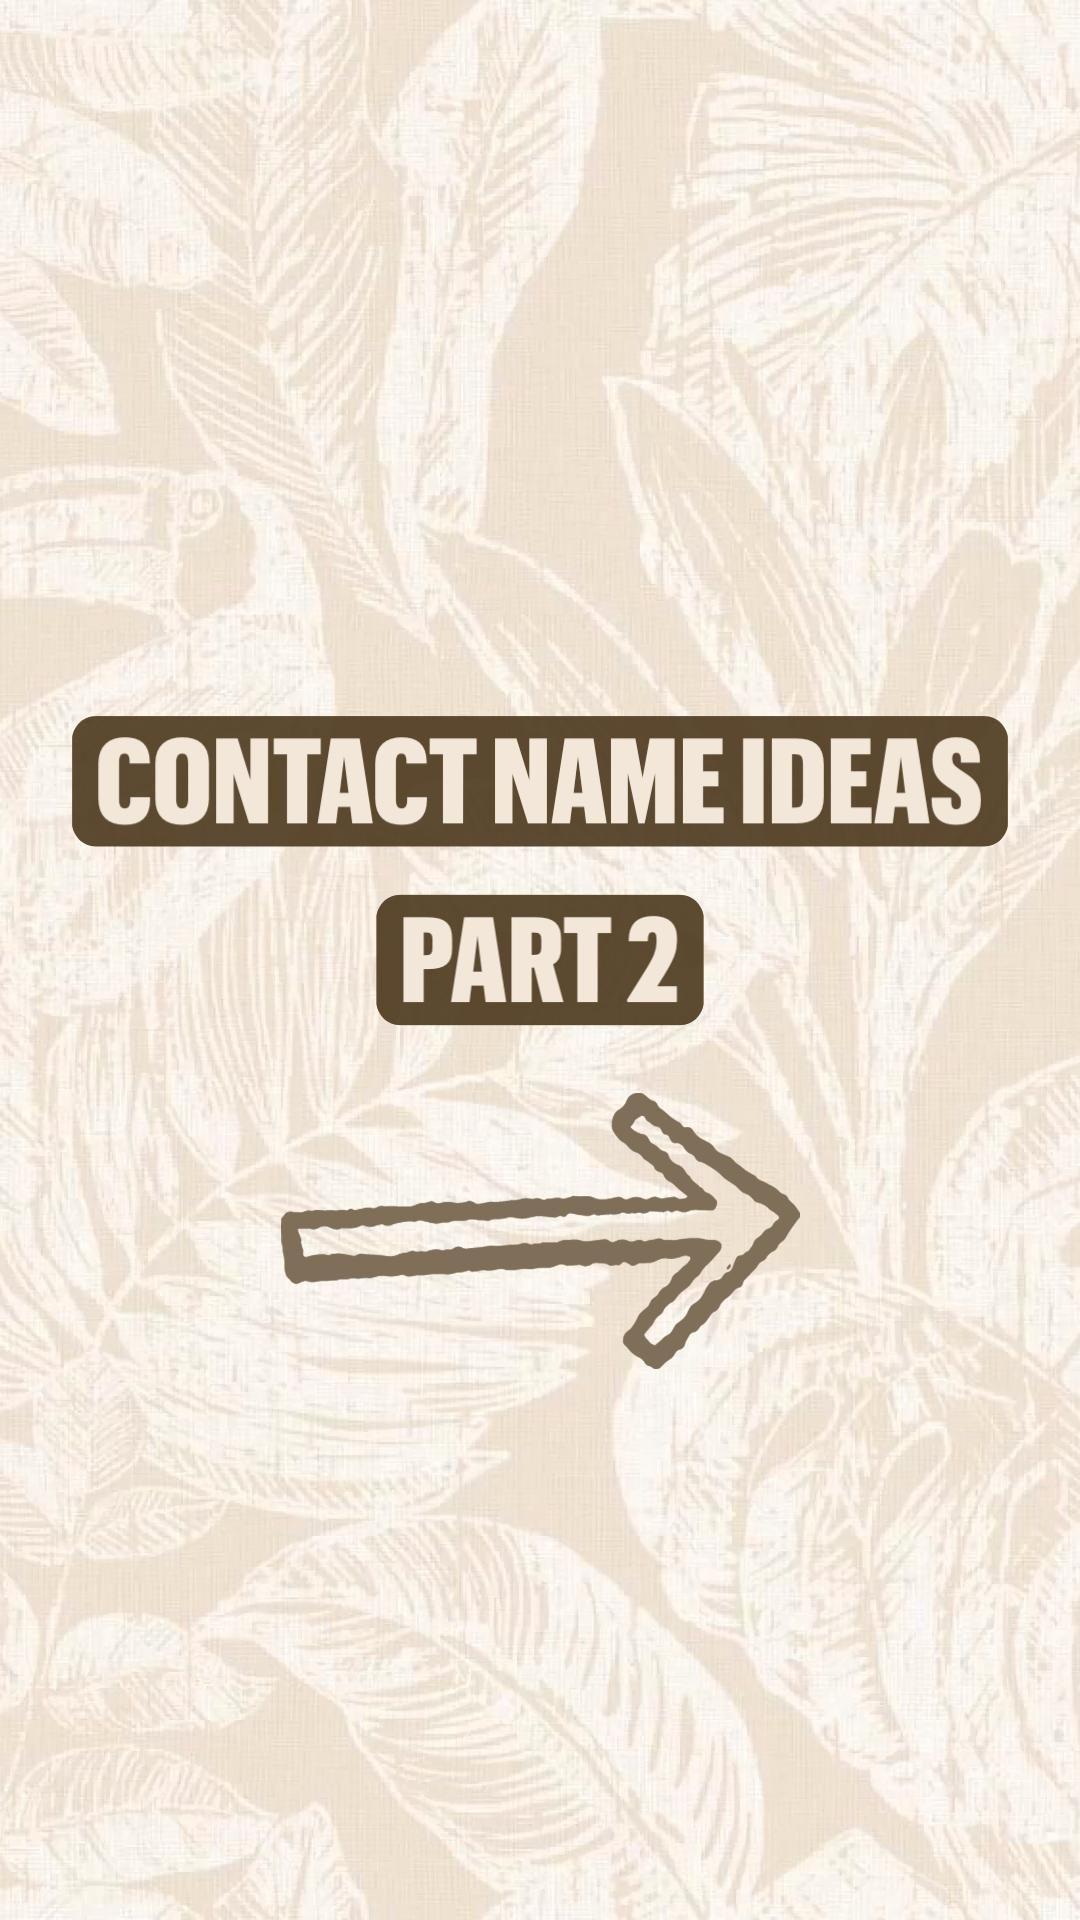 Contact name ideas